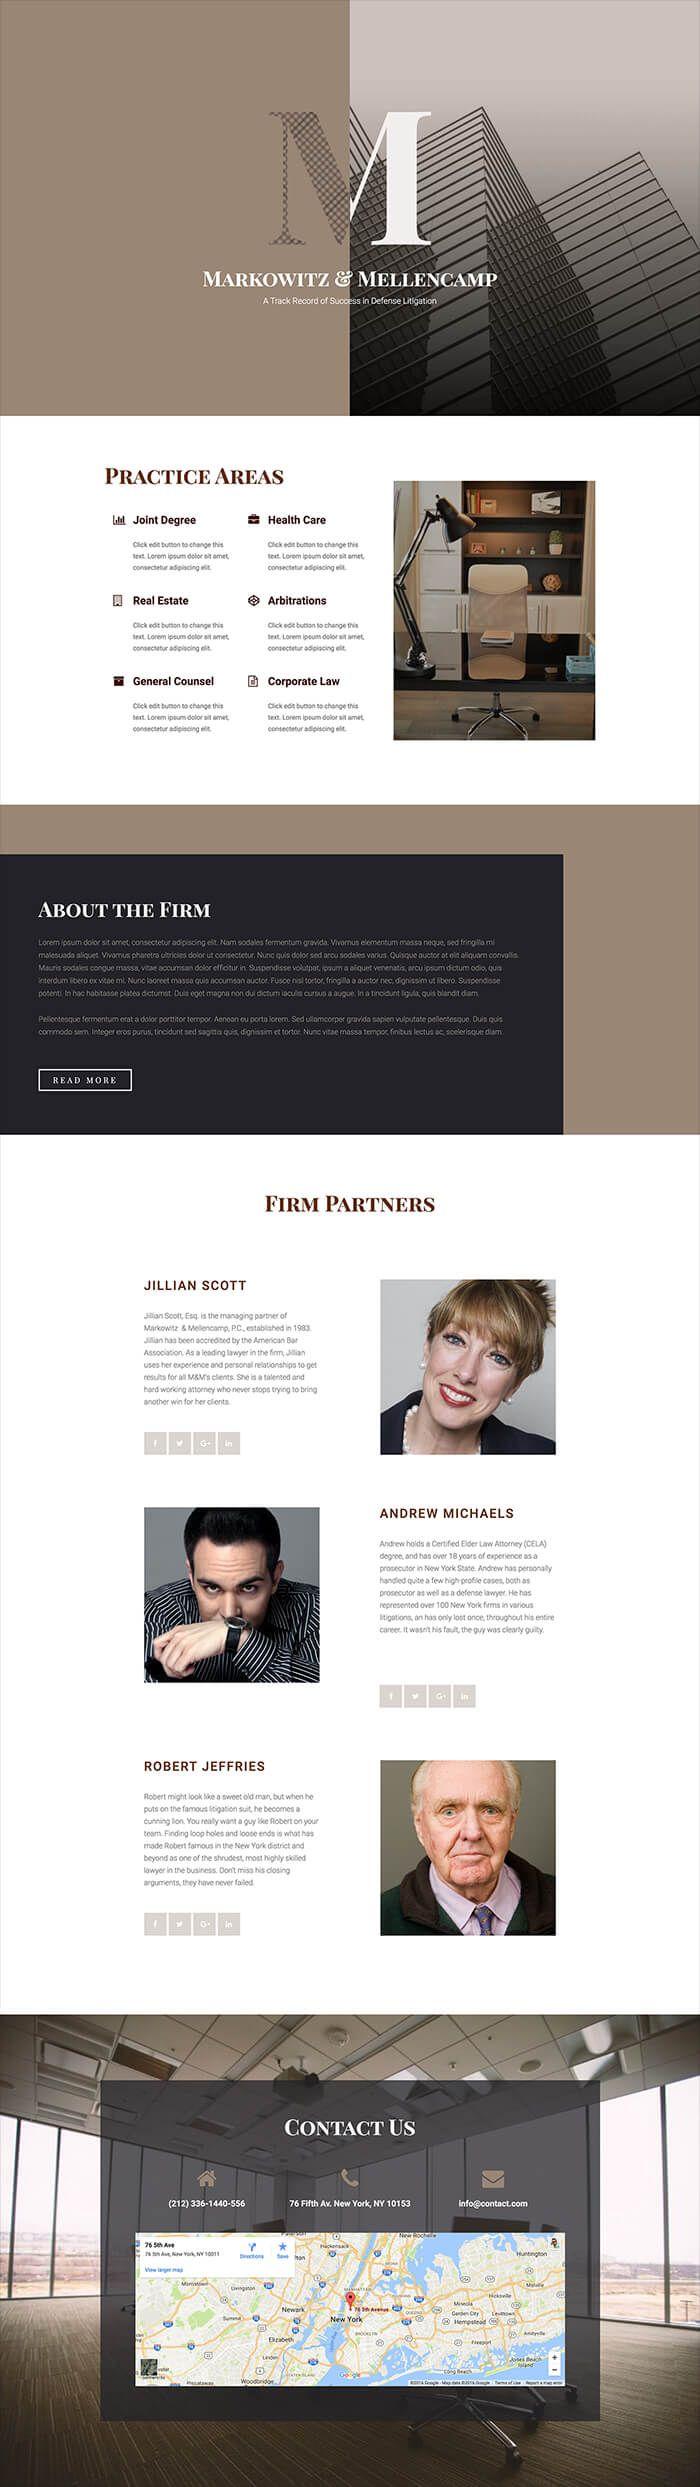 77 best Website Design images on Pinterest | Website designs ...